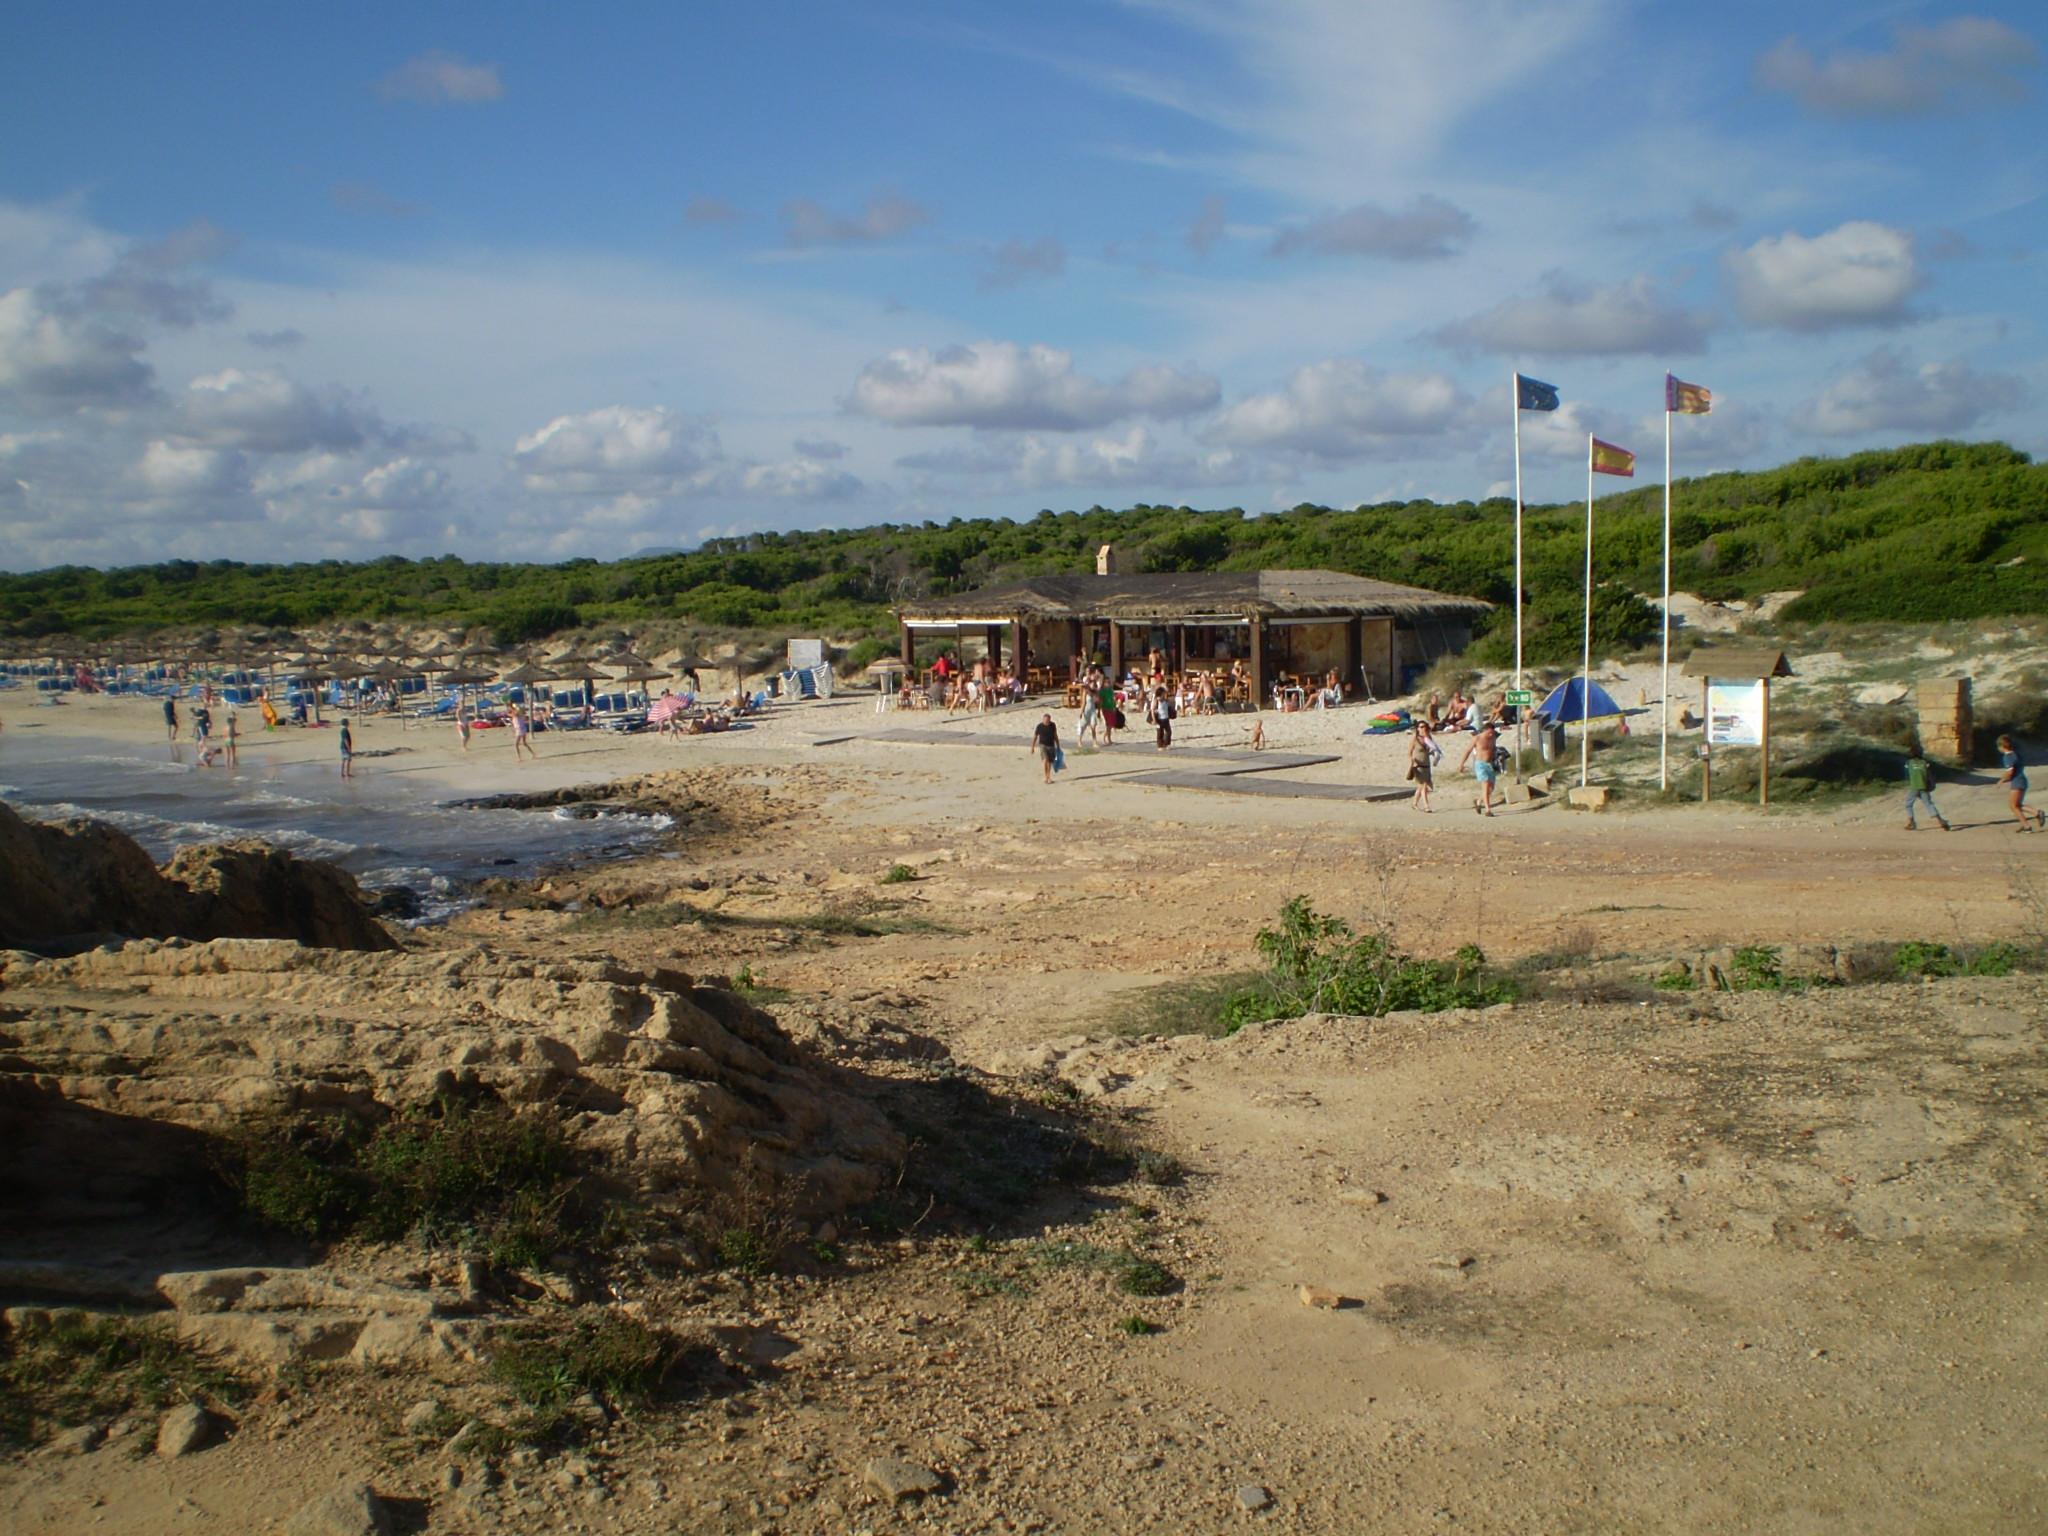 Foto playa Cala Pi. Ausblick auf Meer und Strand